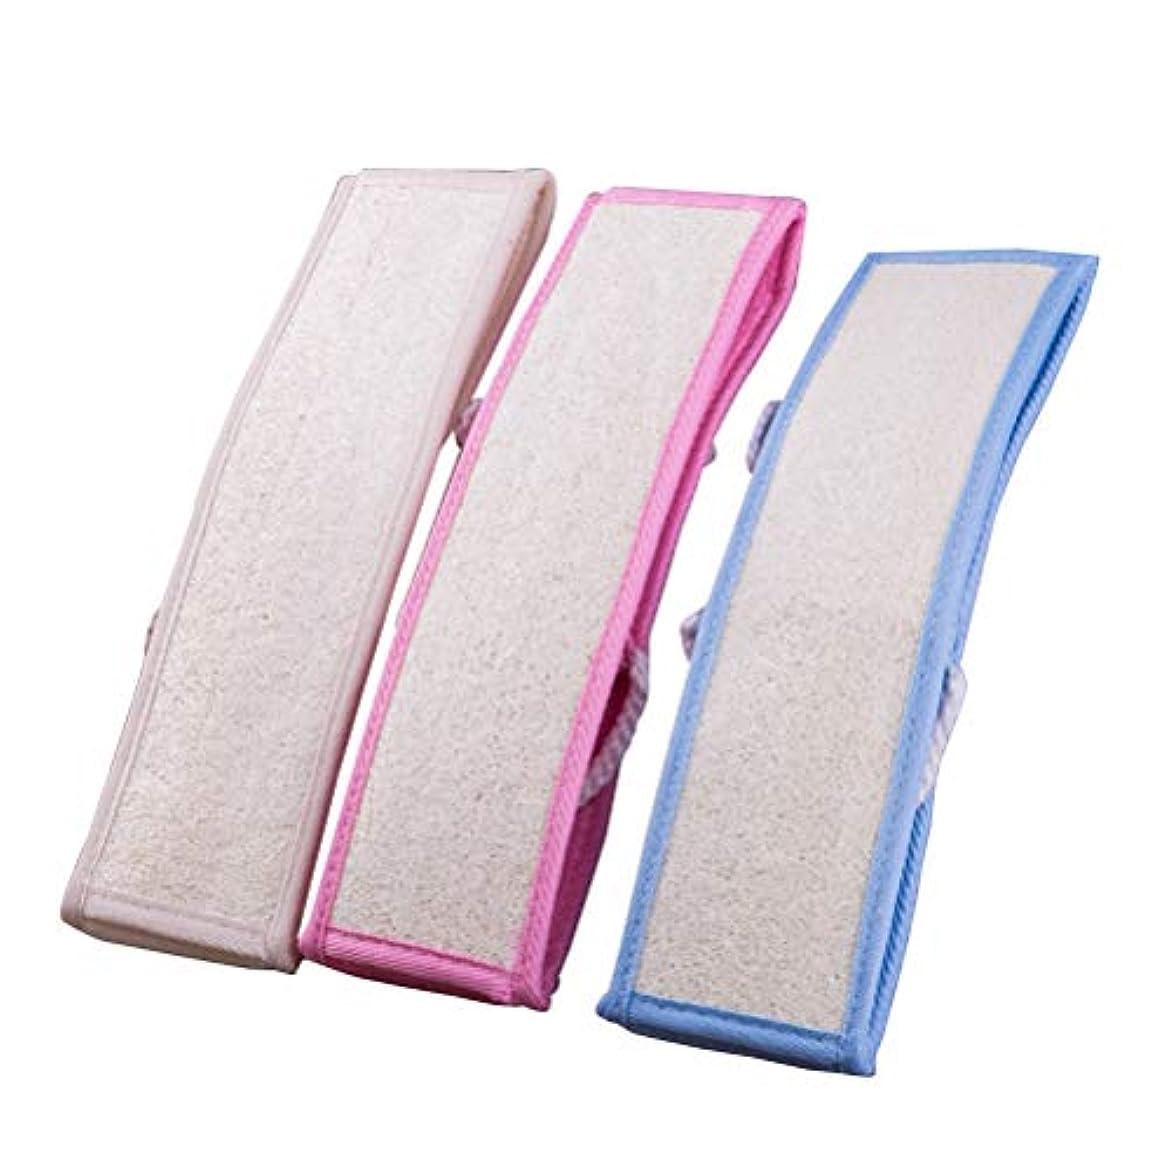 トリプル物理的なマリナーHealifty 3本のLoofahバックストラップ剥離バックスクラバーロングシャワーバスLoofah(青、ピンク、白各1個)